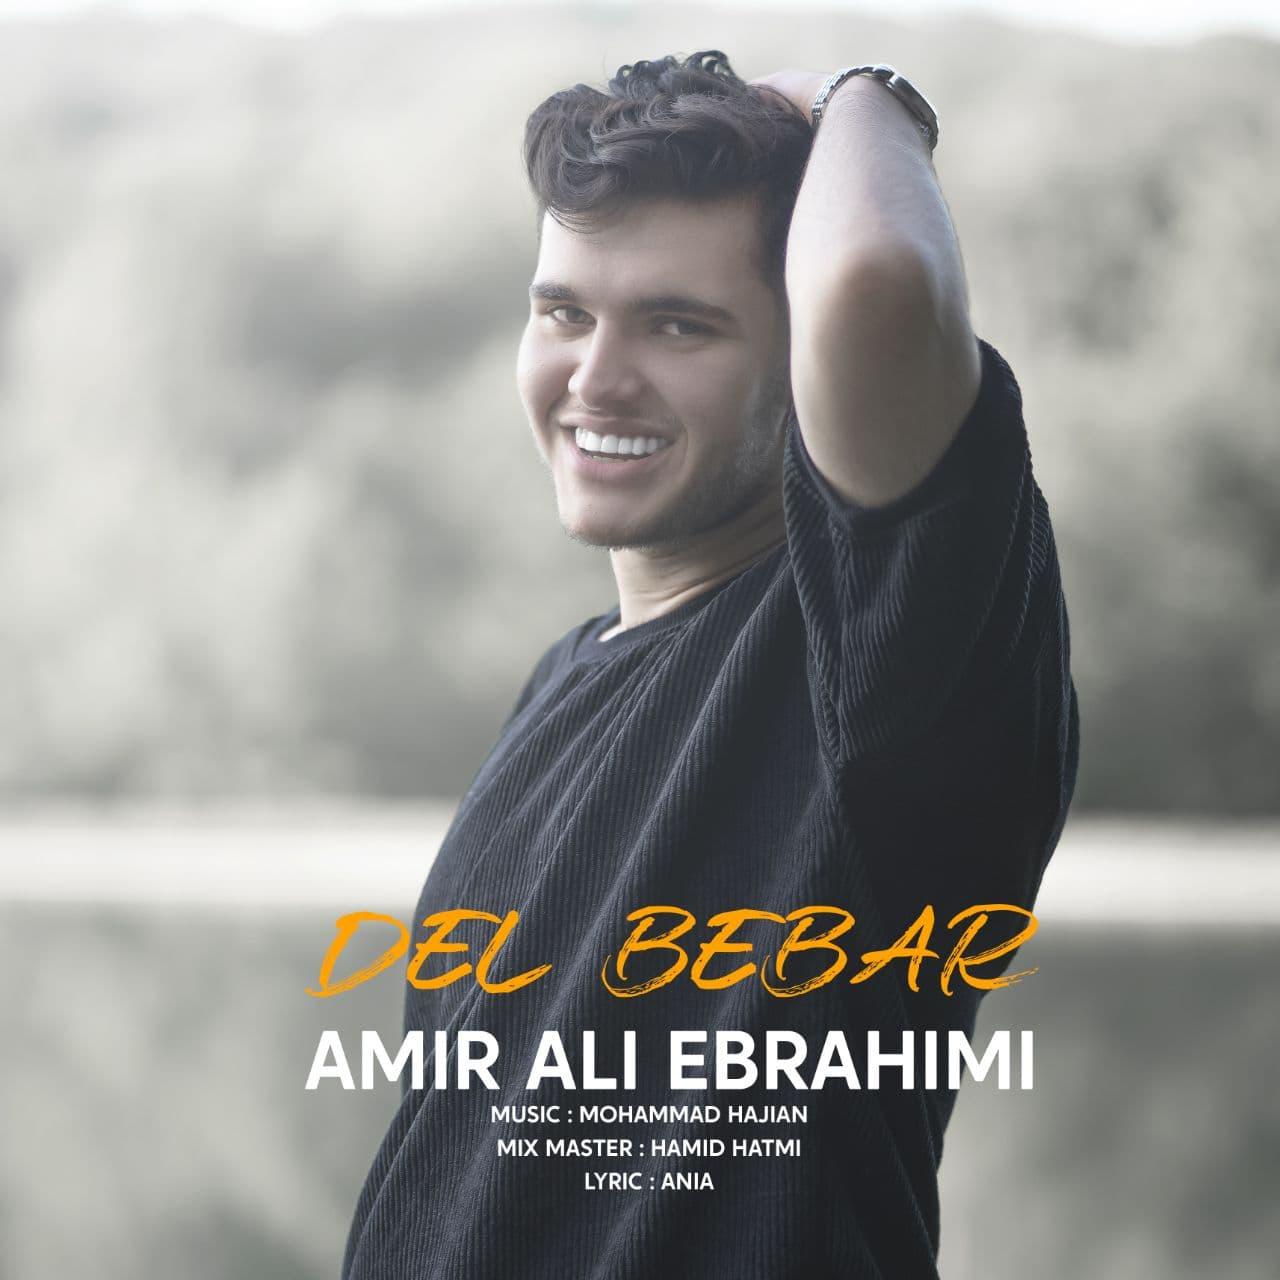 دانلود موزیک جدید دل ببر از امیر علی ابراهیمی